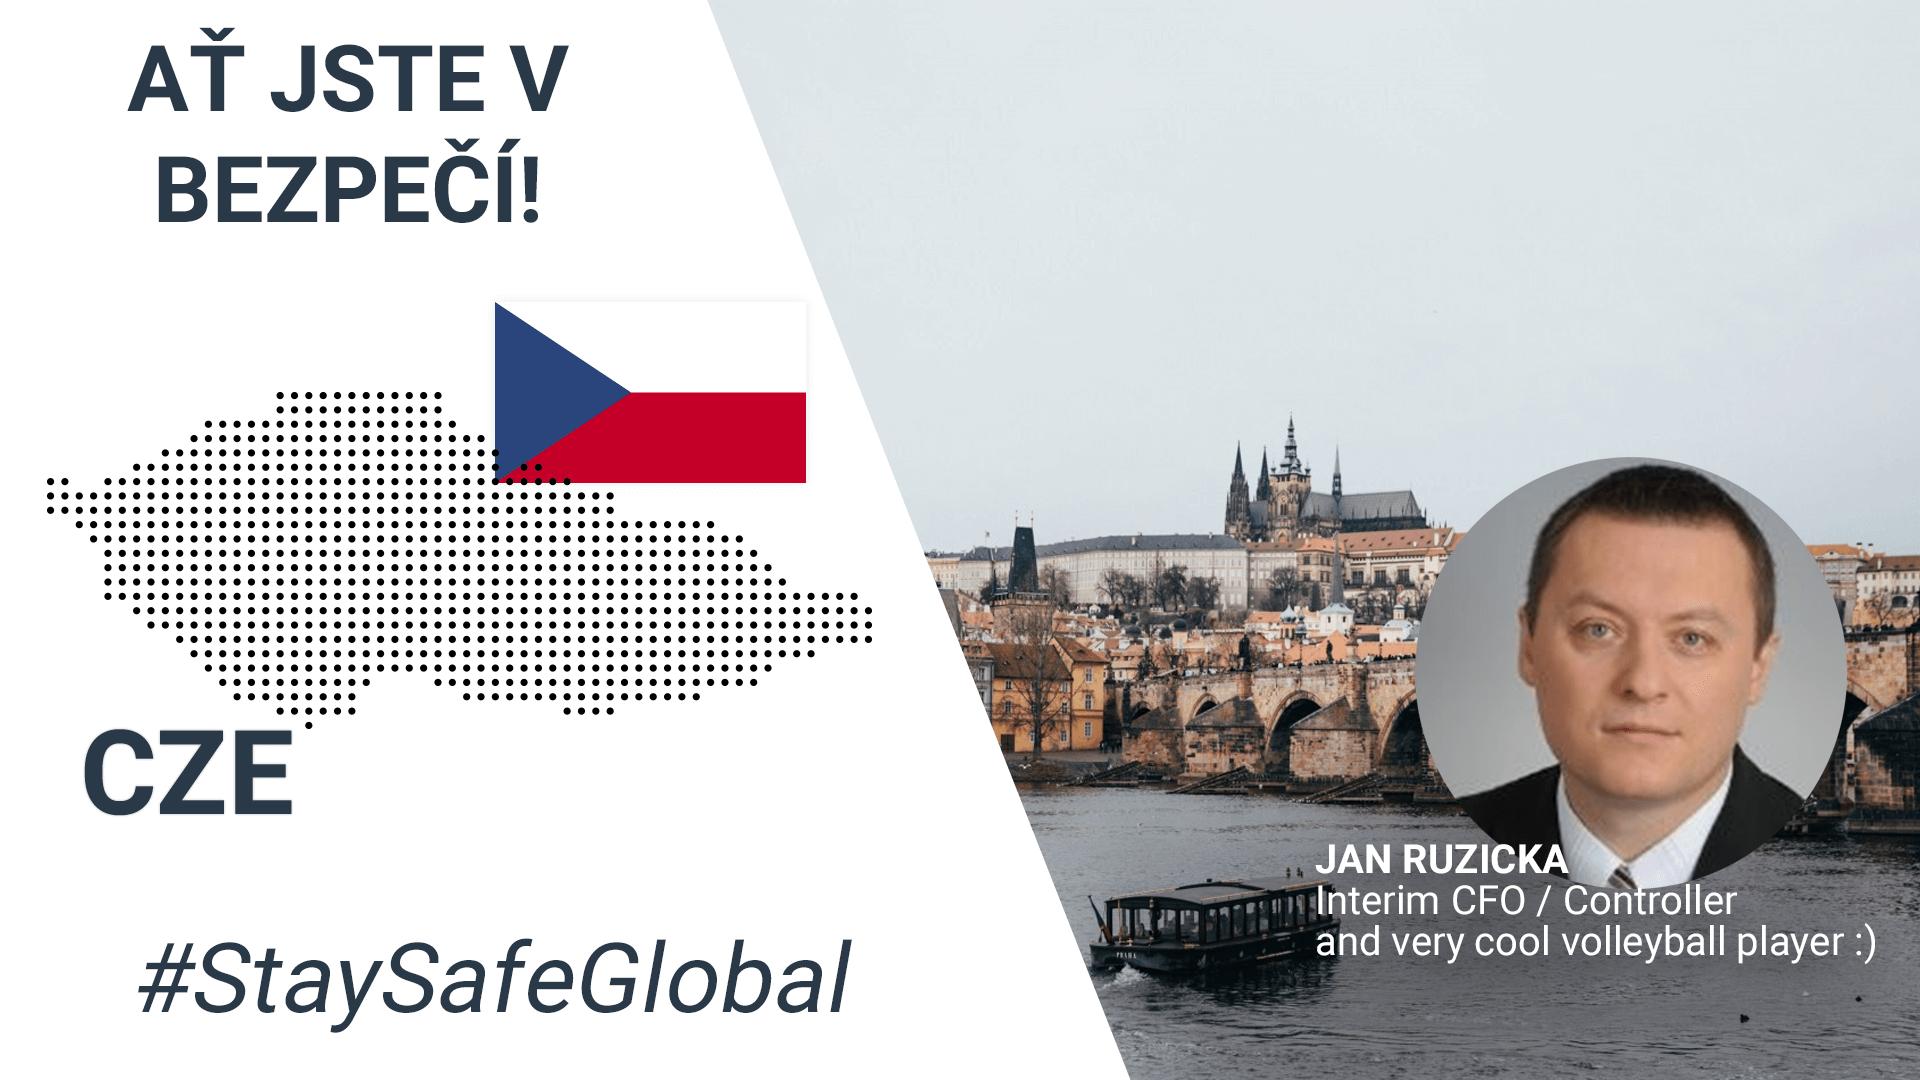 Stay safe in Czech